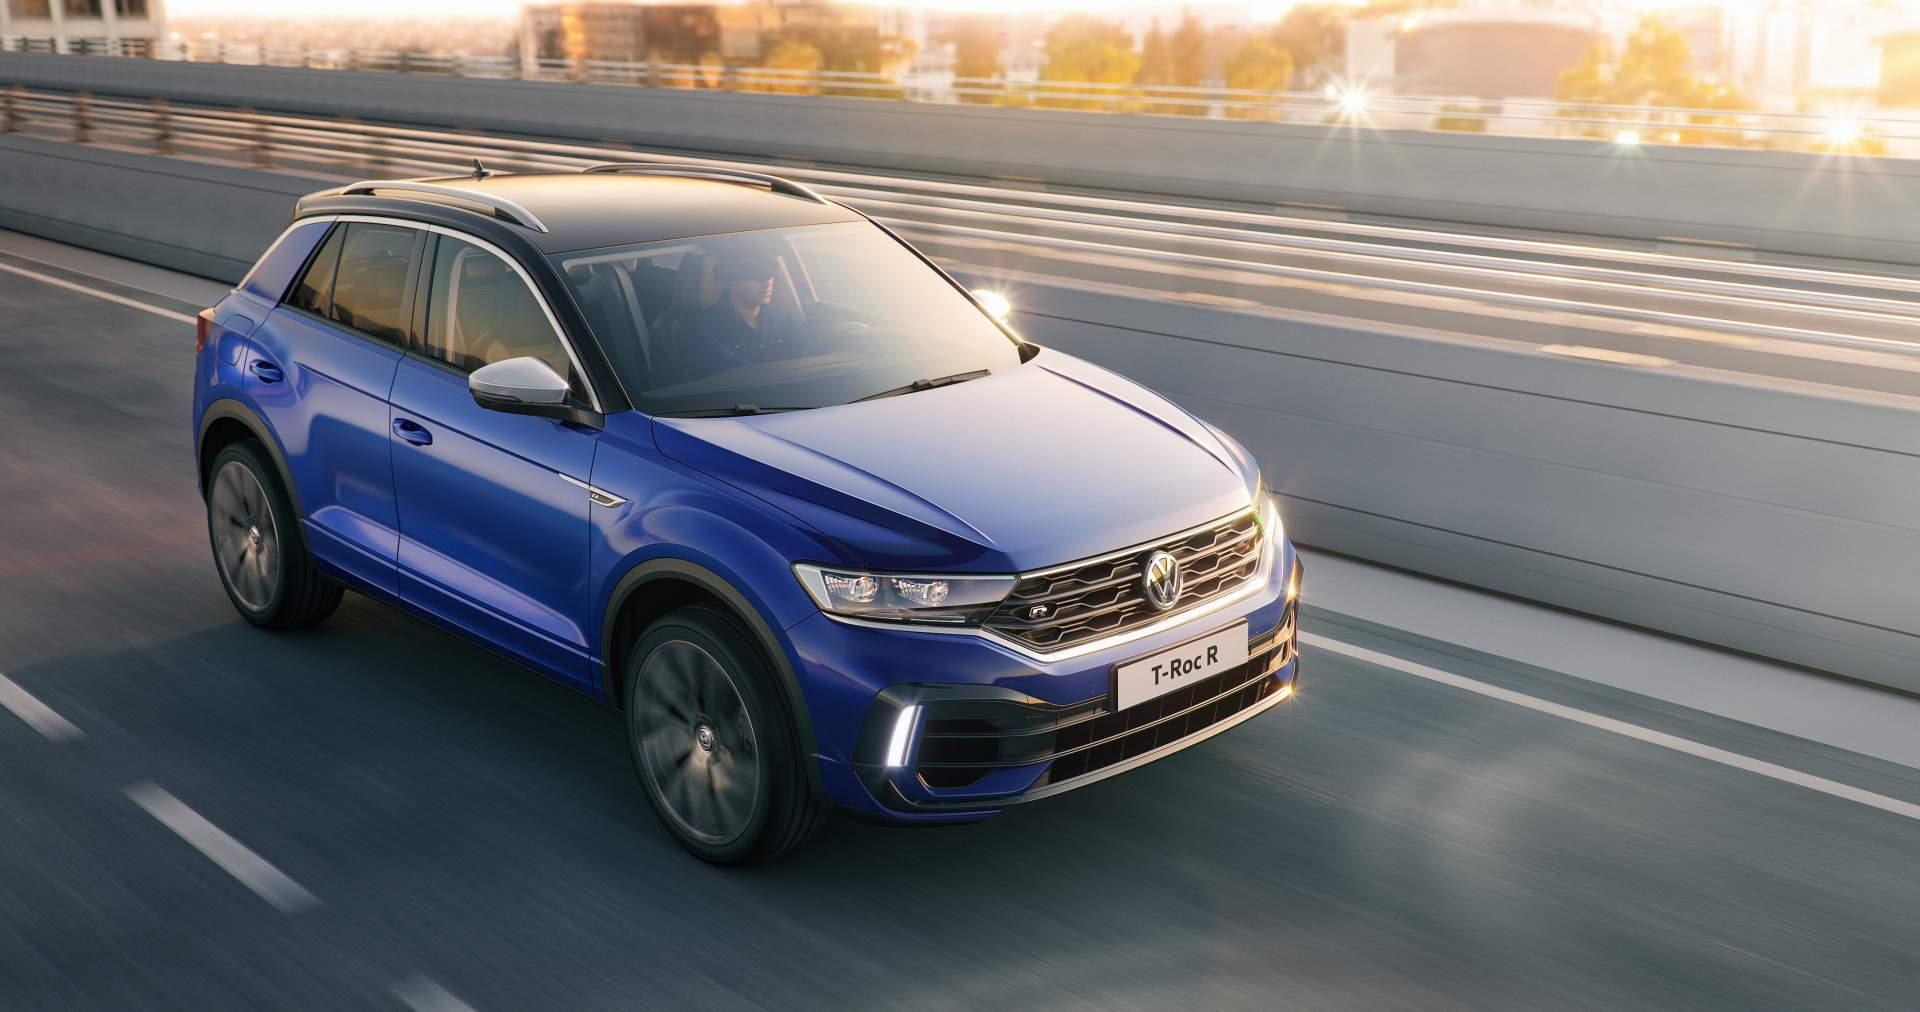 Noul Volkswagen T-Roc R (17)